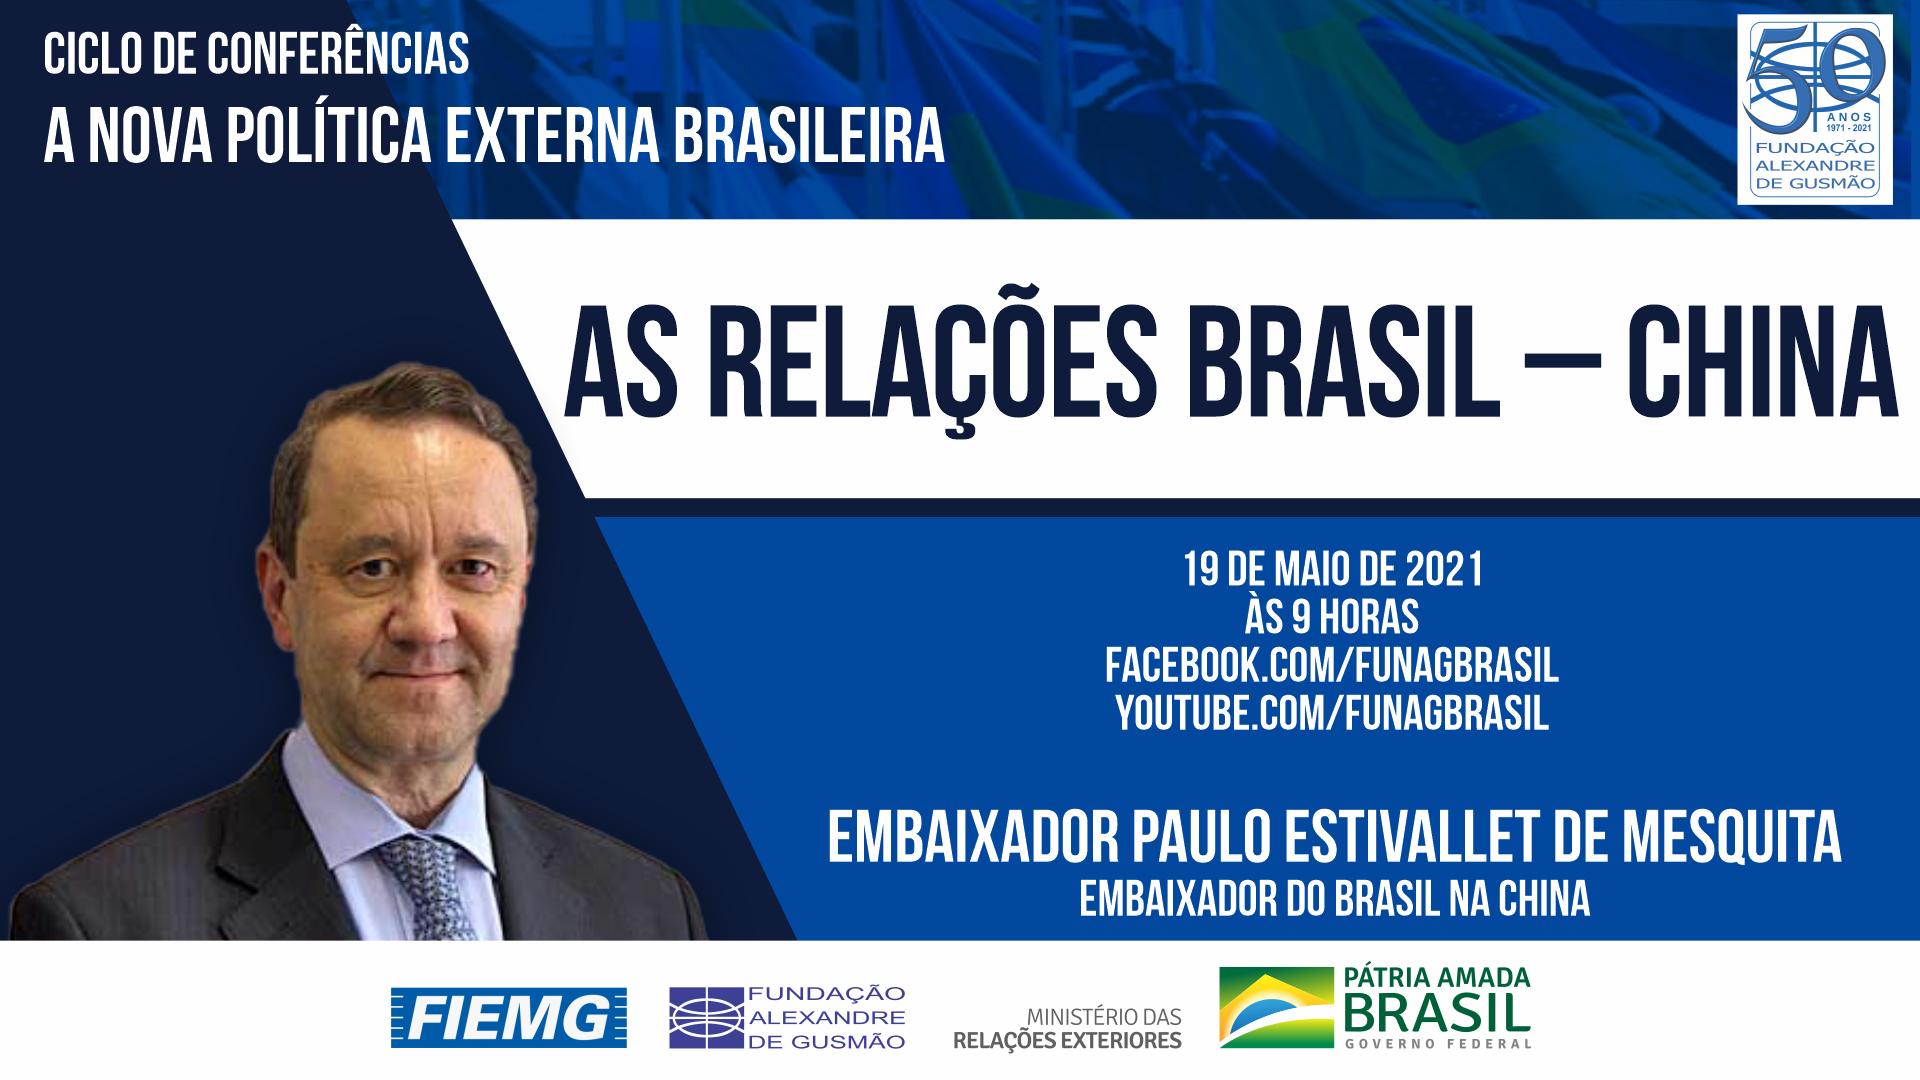 FUNAG promove conferência do Embaixador do Brasil na China, Paulo Estivallet de Mesquita